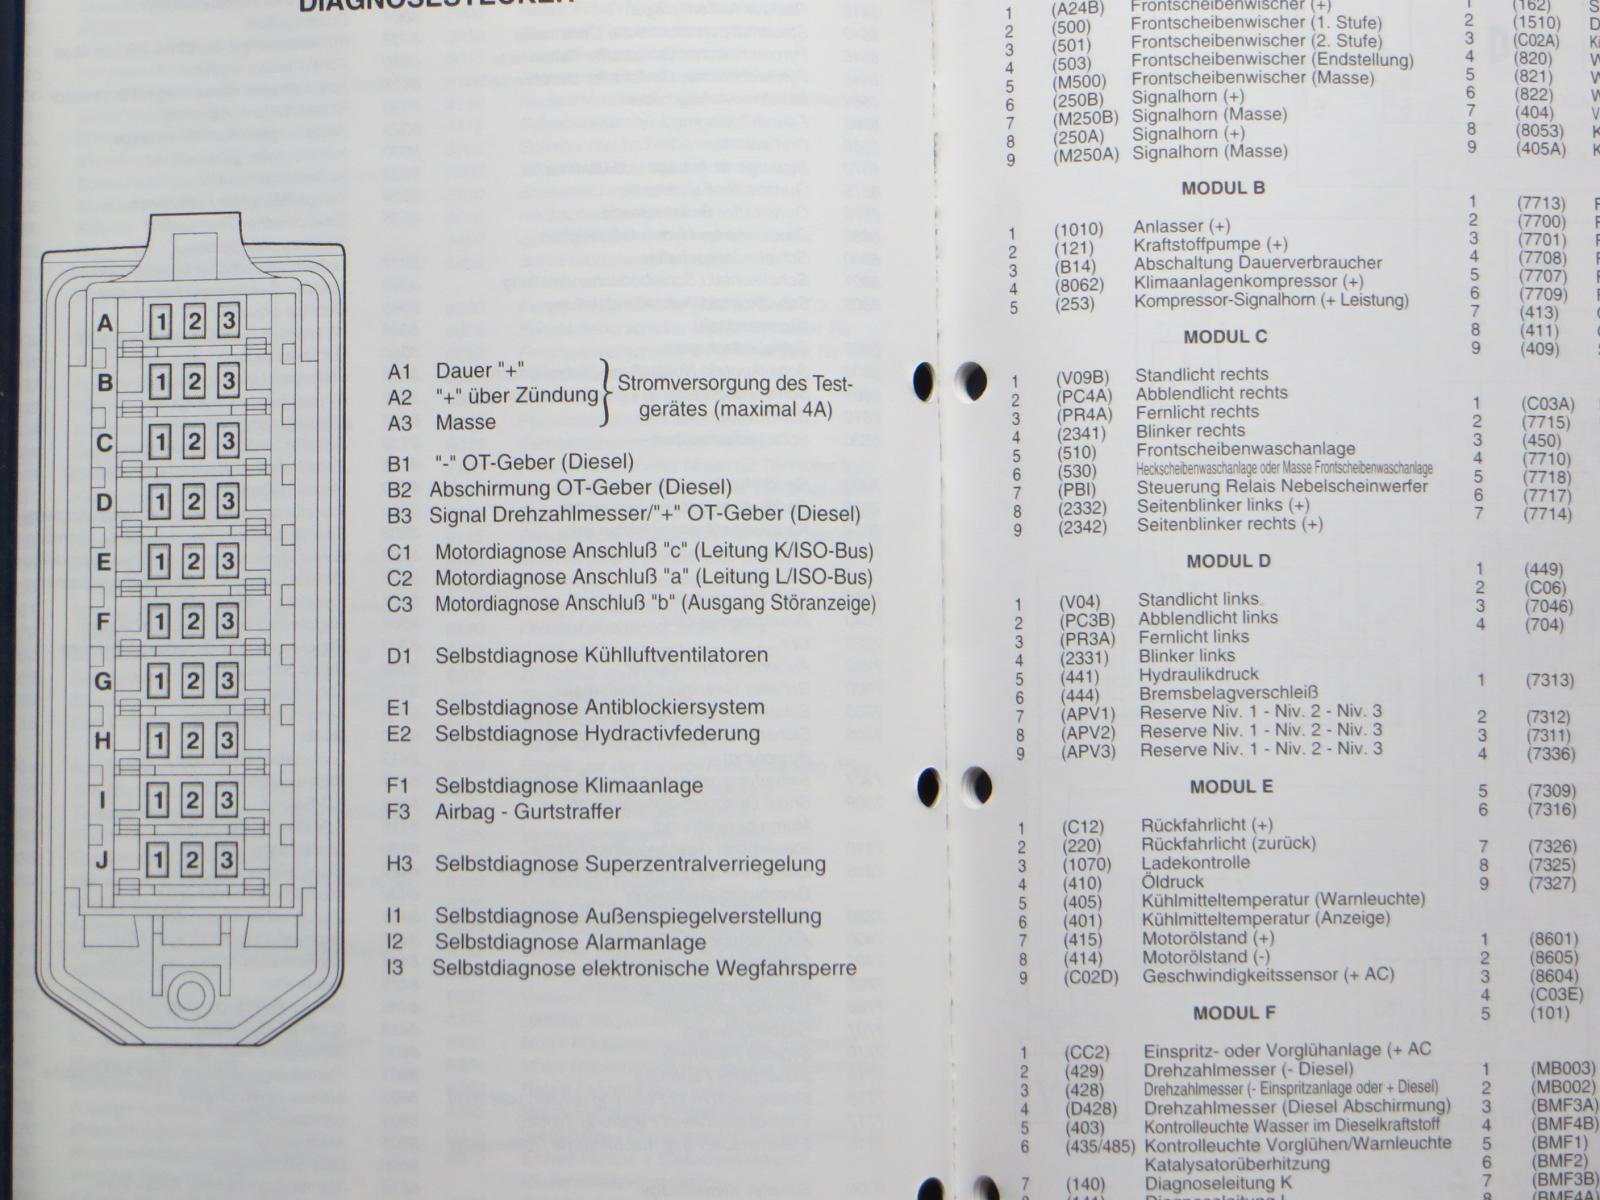 3-96.JPG.96480d6c73ae3b316660d01f15036304.JPG